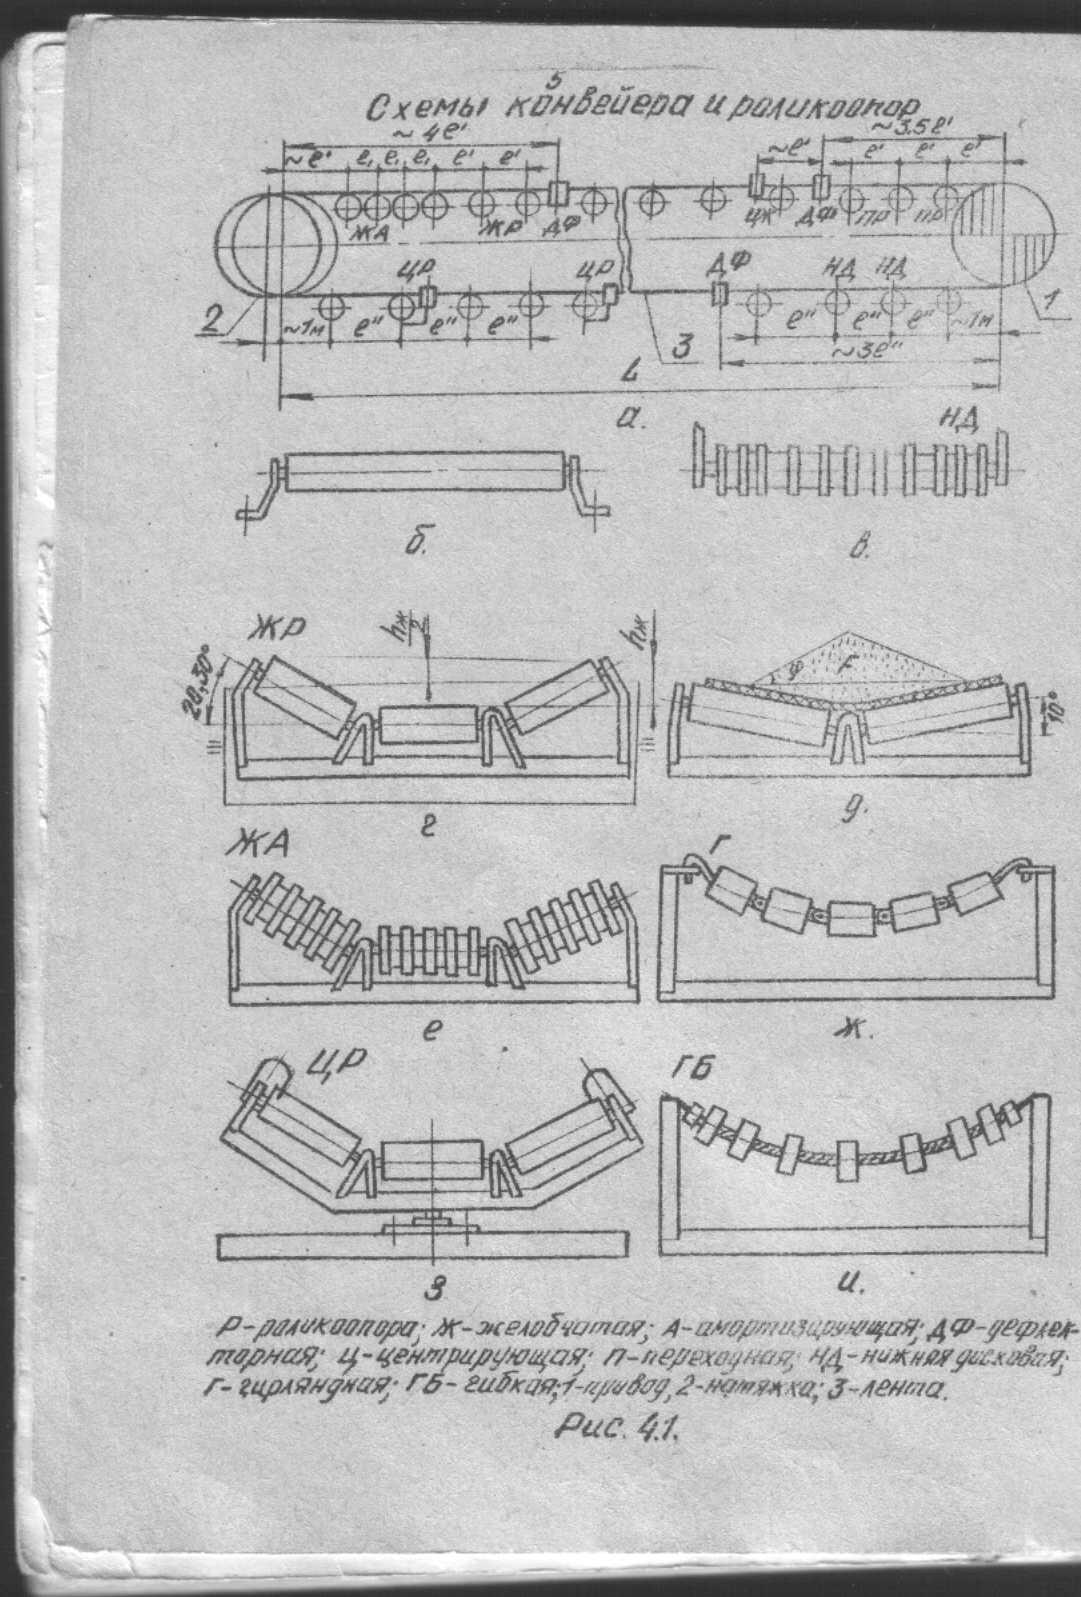 Анализ конструкций ленточных конвейеров рольганги и конвейеры